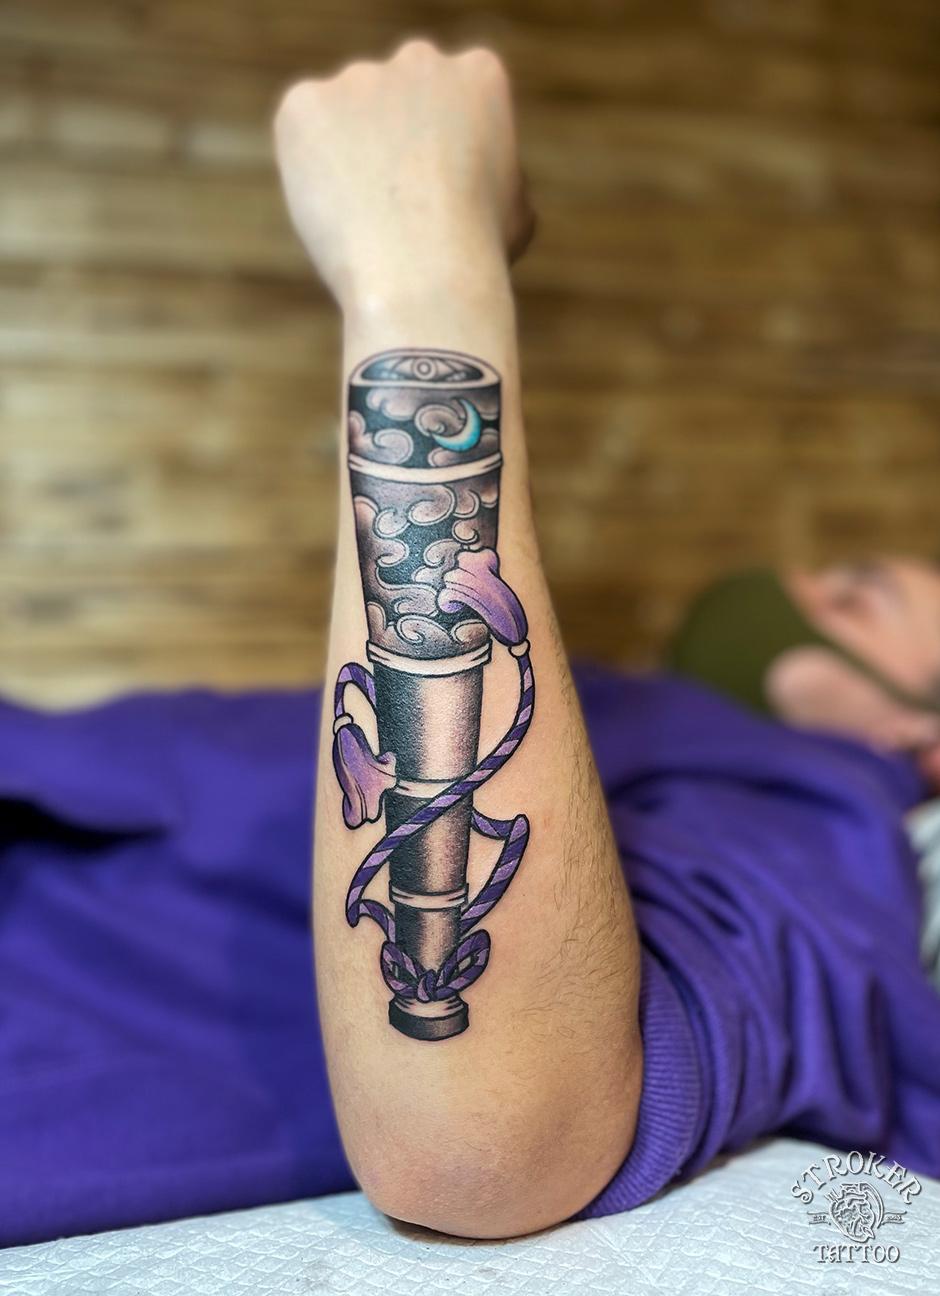 望遠鏡のタトゥー